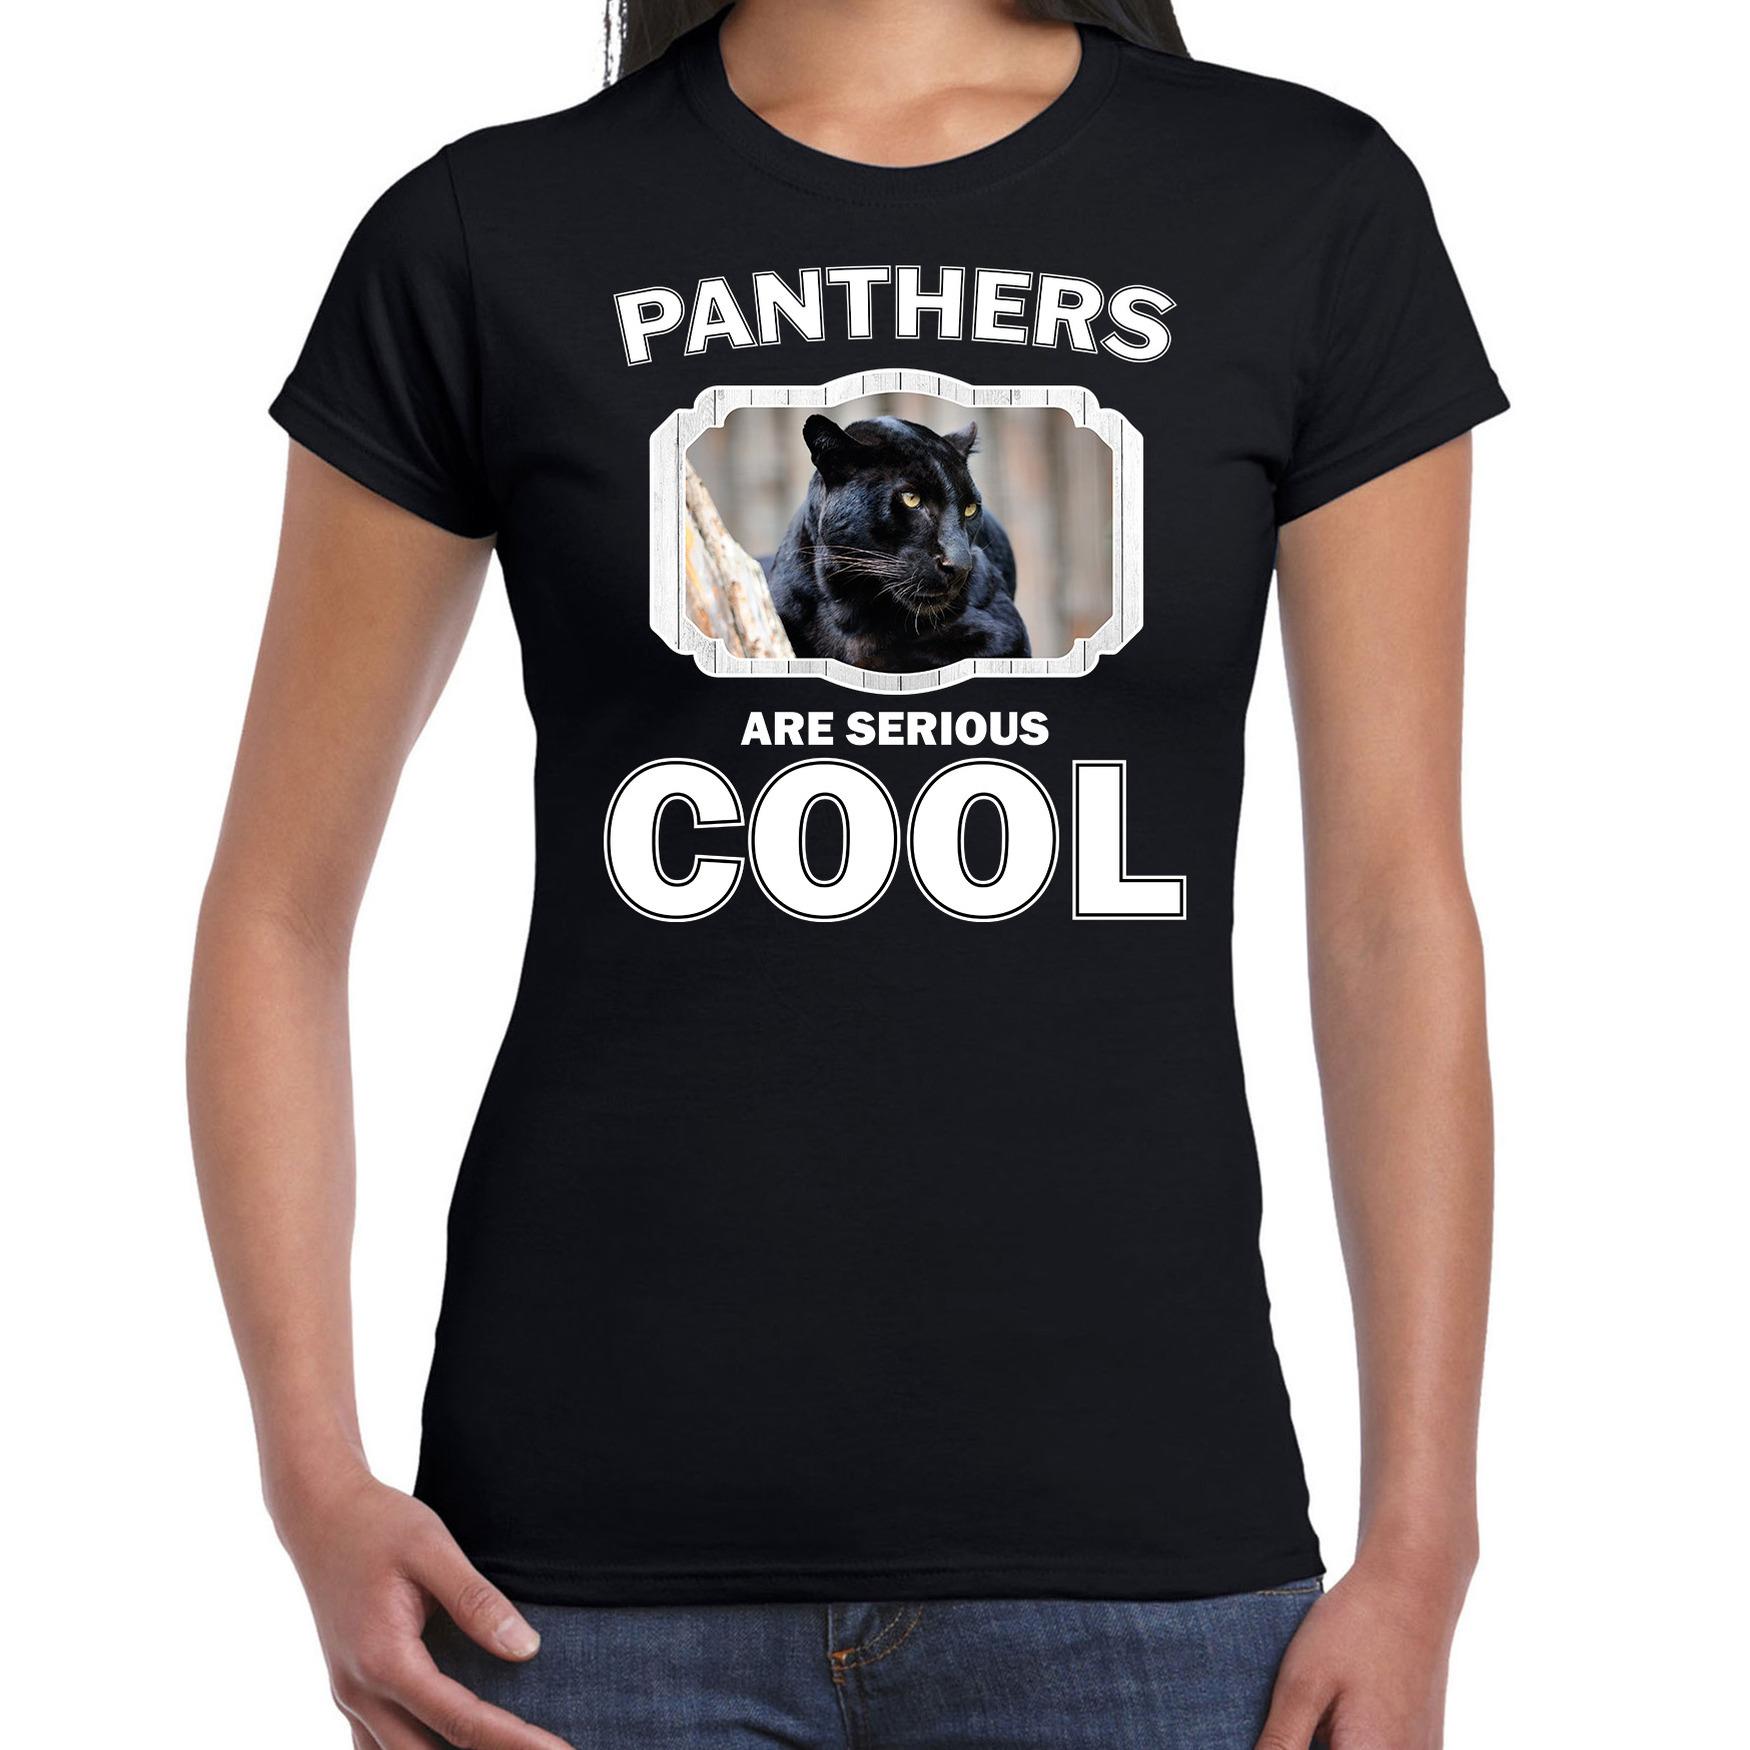 T-shirt panthers are serious cool zwart dames - panters/ zwarte panter shirt